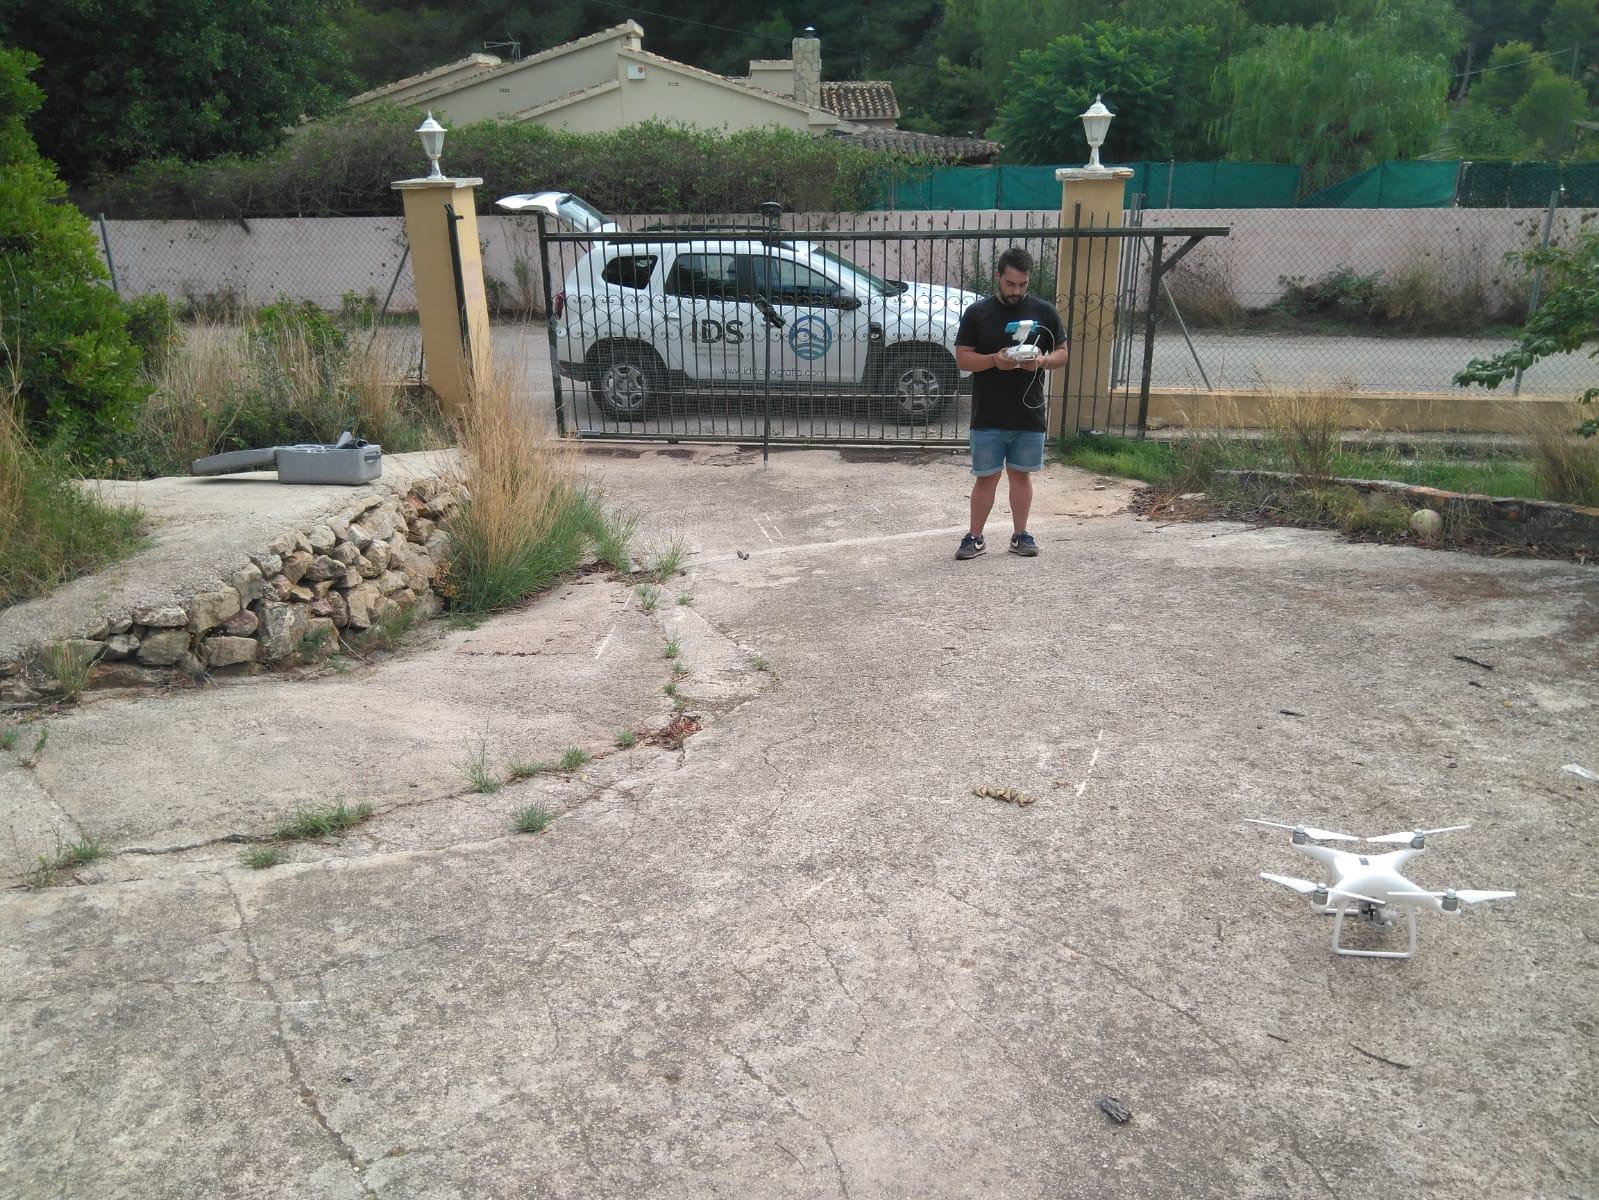 imagen de auxiliar de topografía volando dron